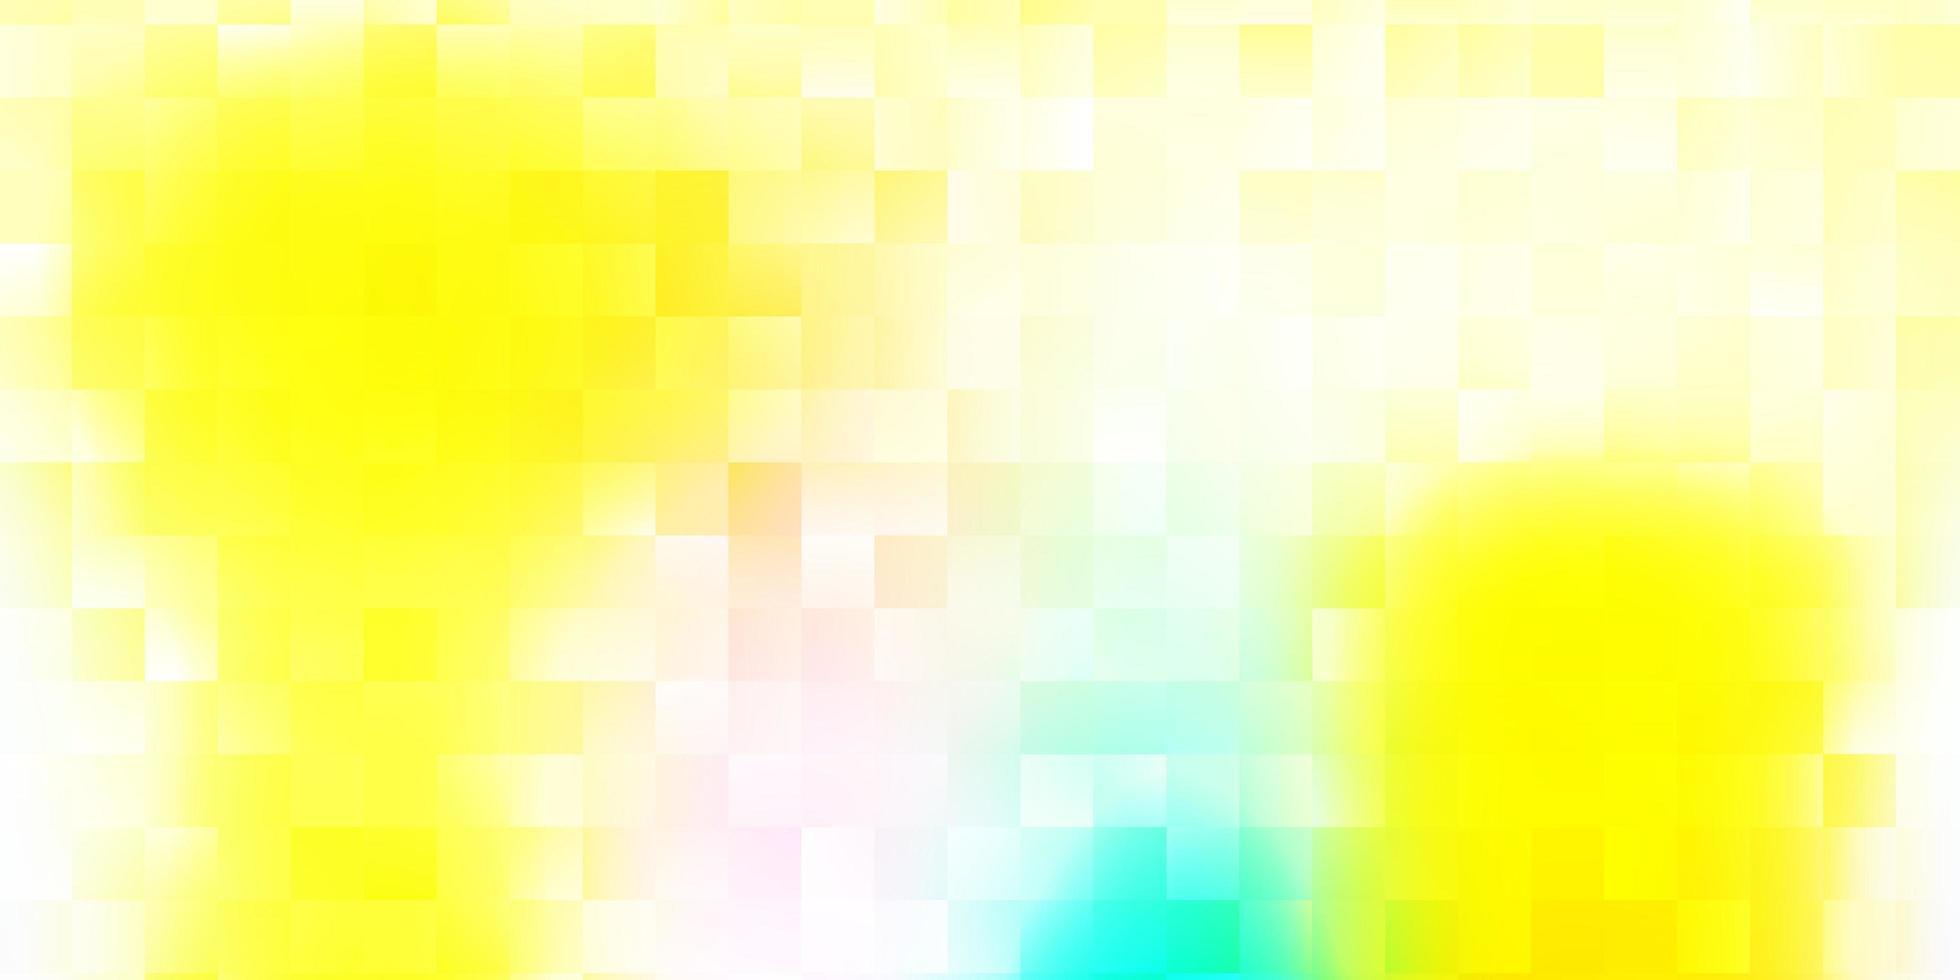 sfondo vettoriale multicolore chiaro con forme caotiche.